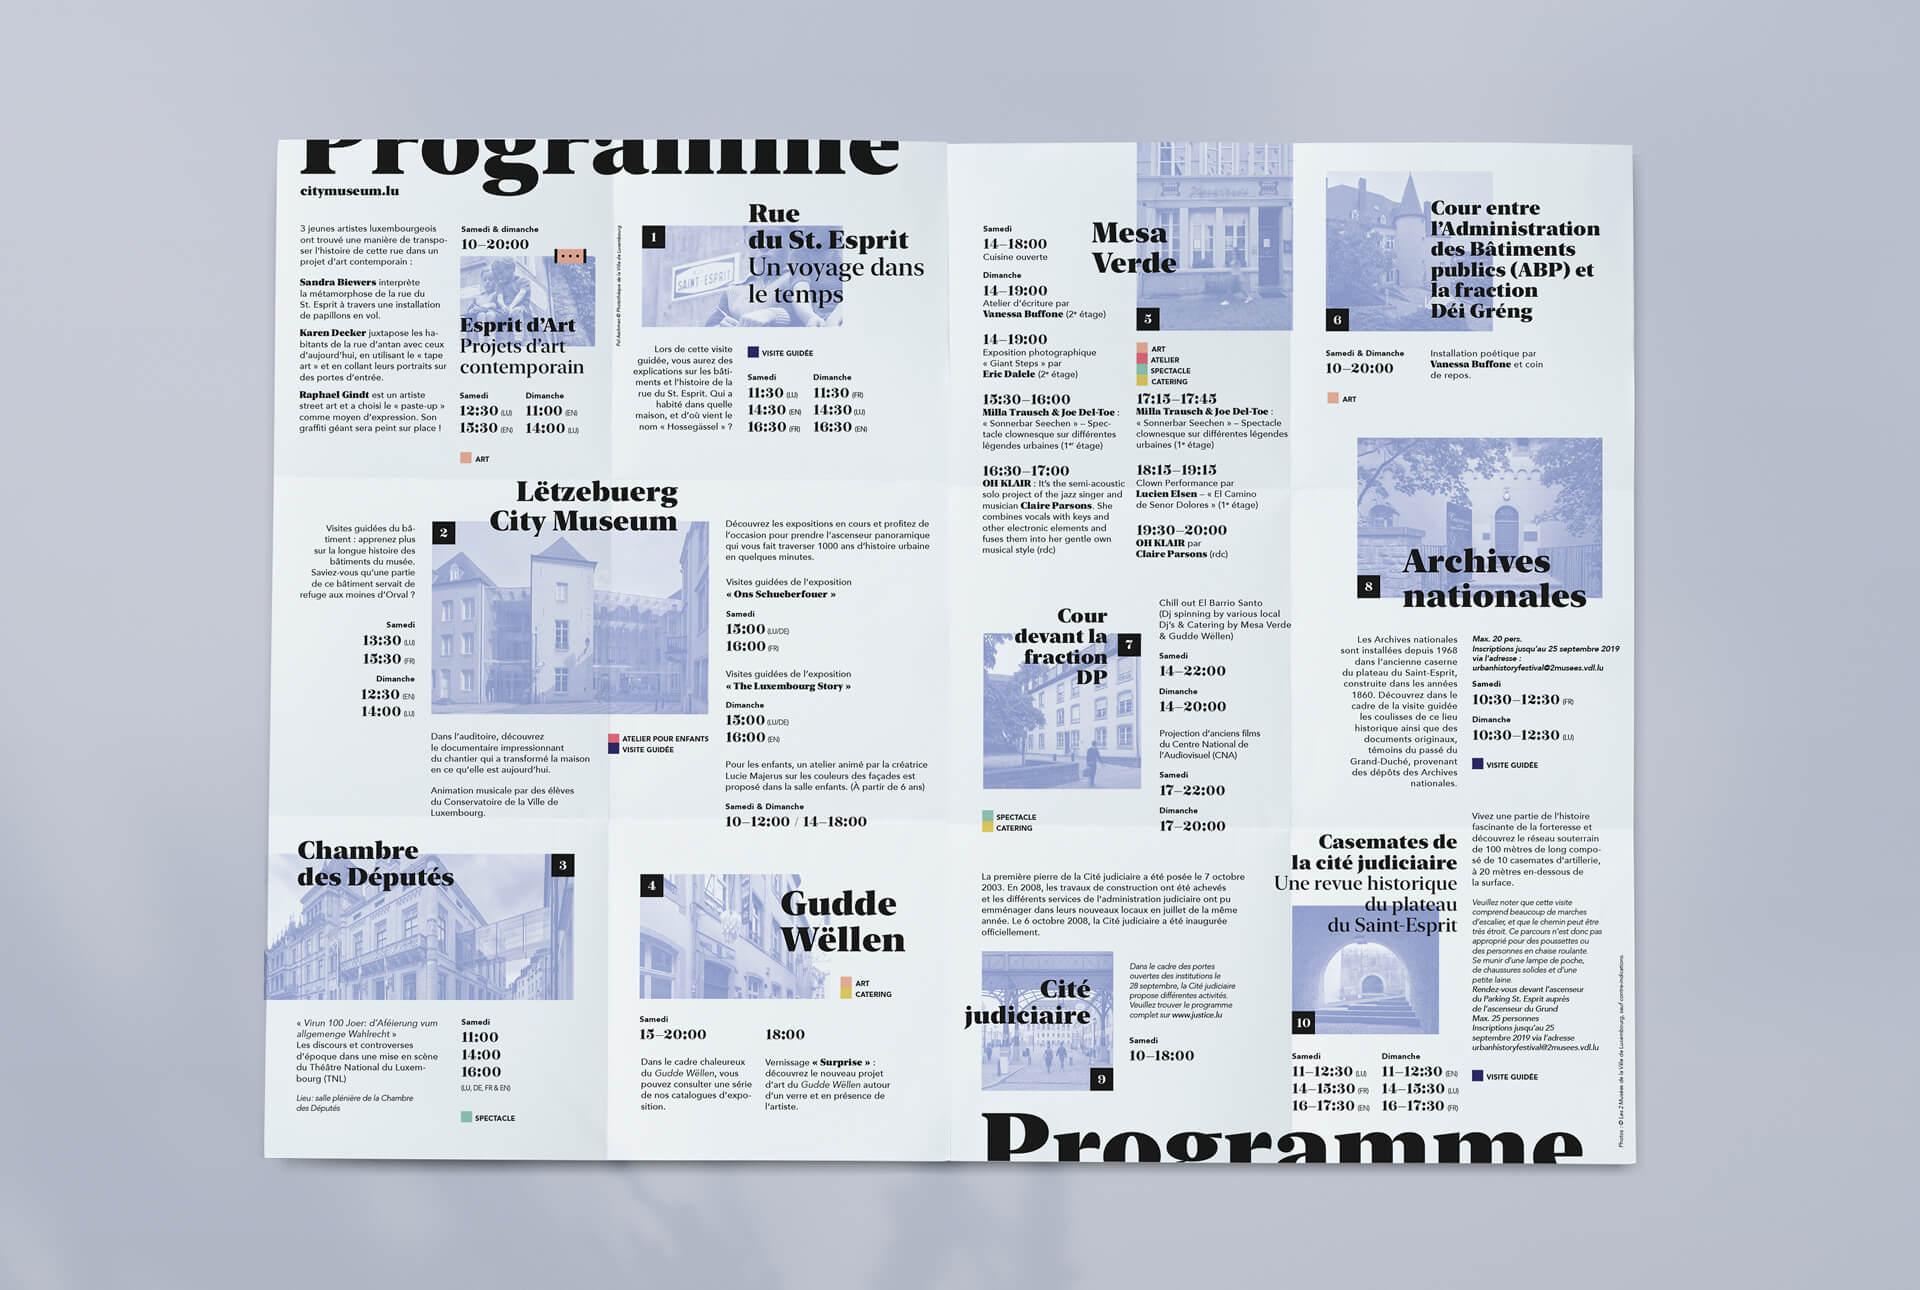 Programme de l'Urban History Festival au Luxembourg, un design signé par l'agence de communication Comed